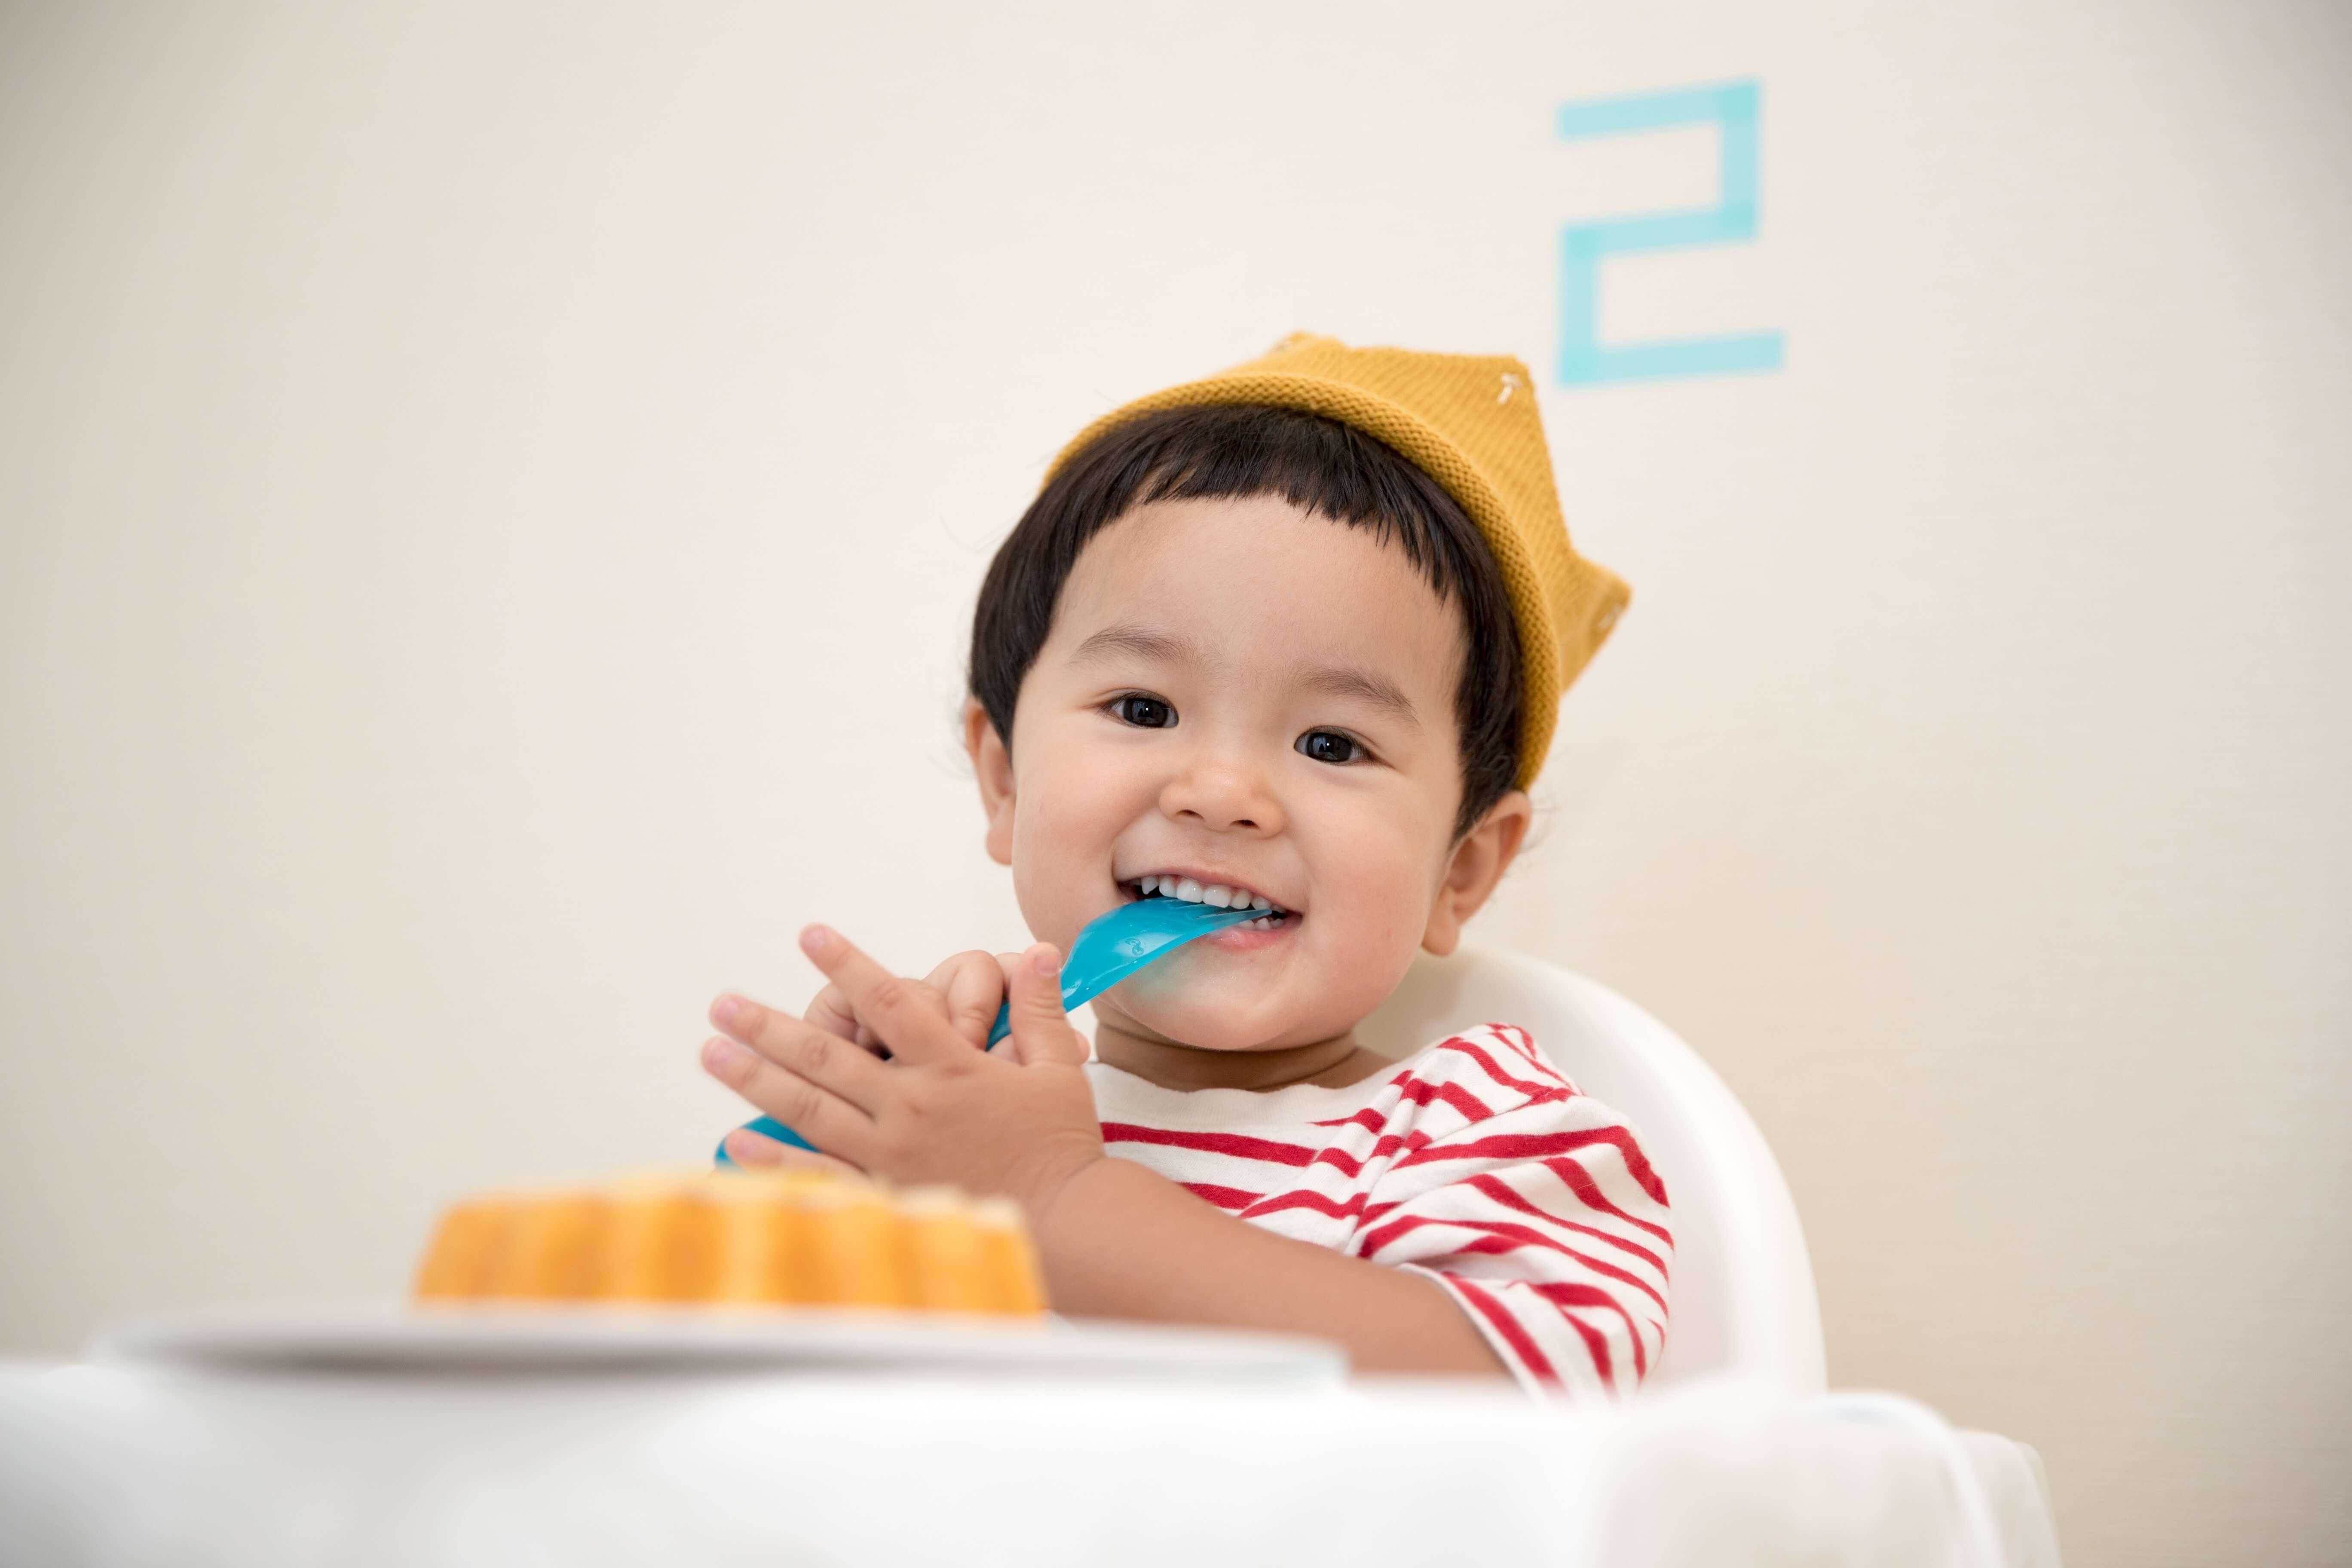 Otizmli çocuklarda Davranış Problemleri Ve çözümleri Otsimo